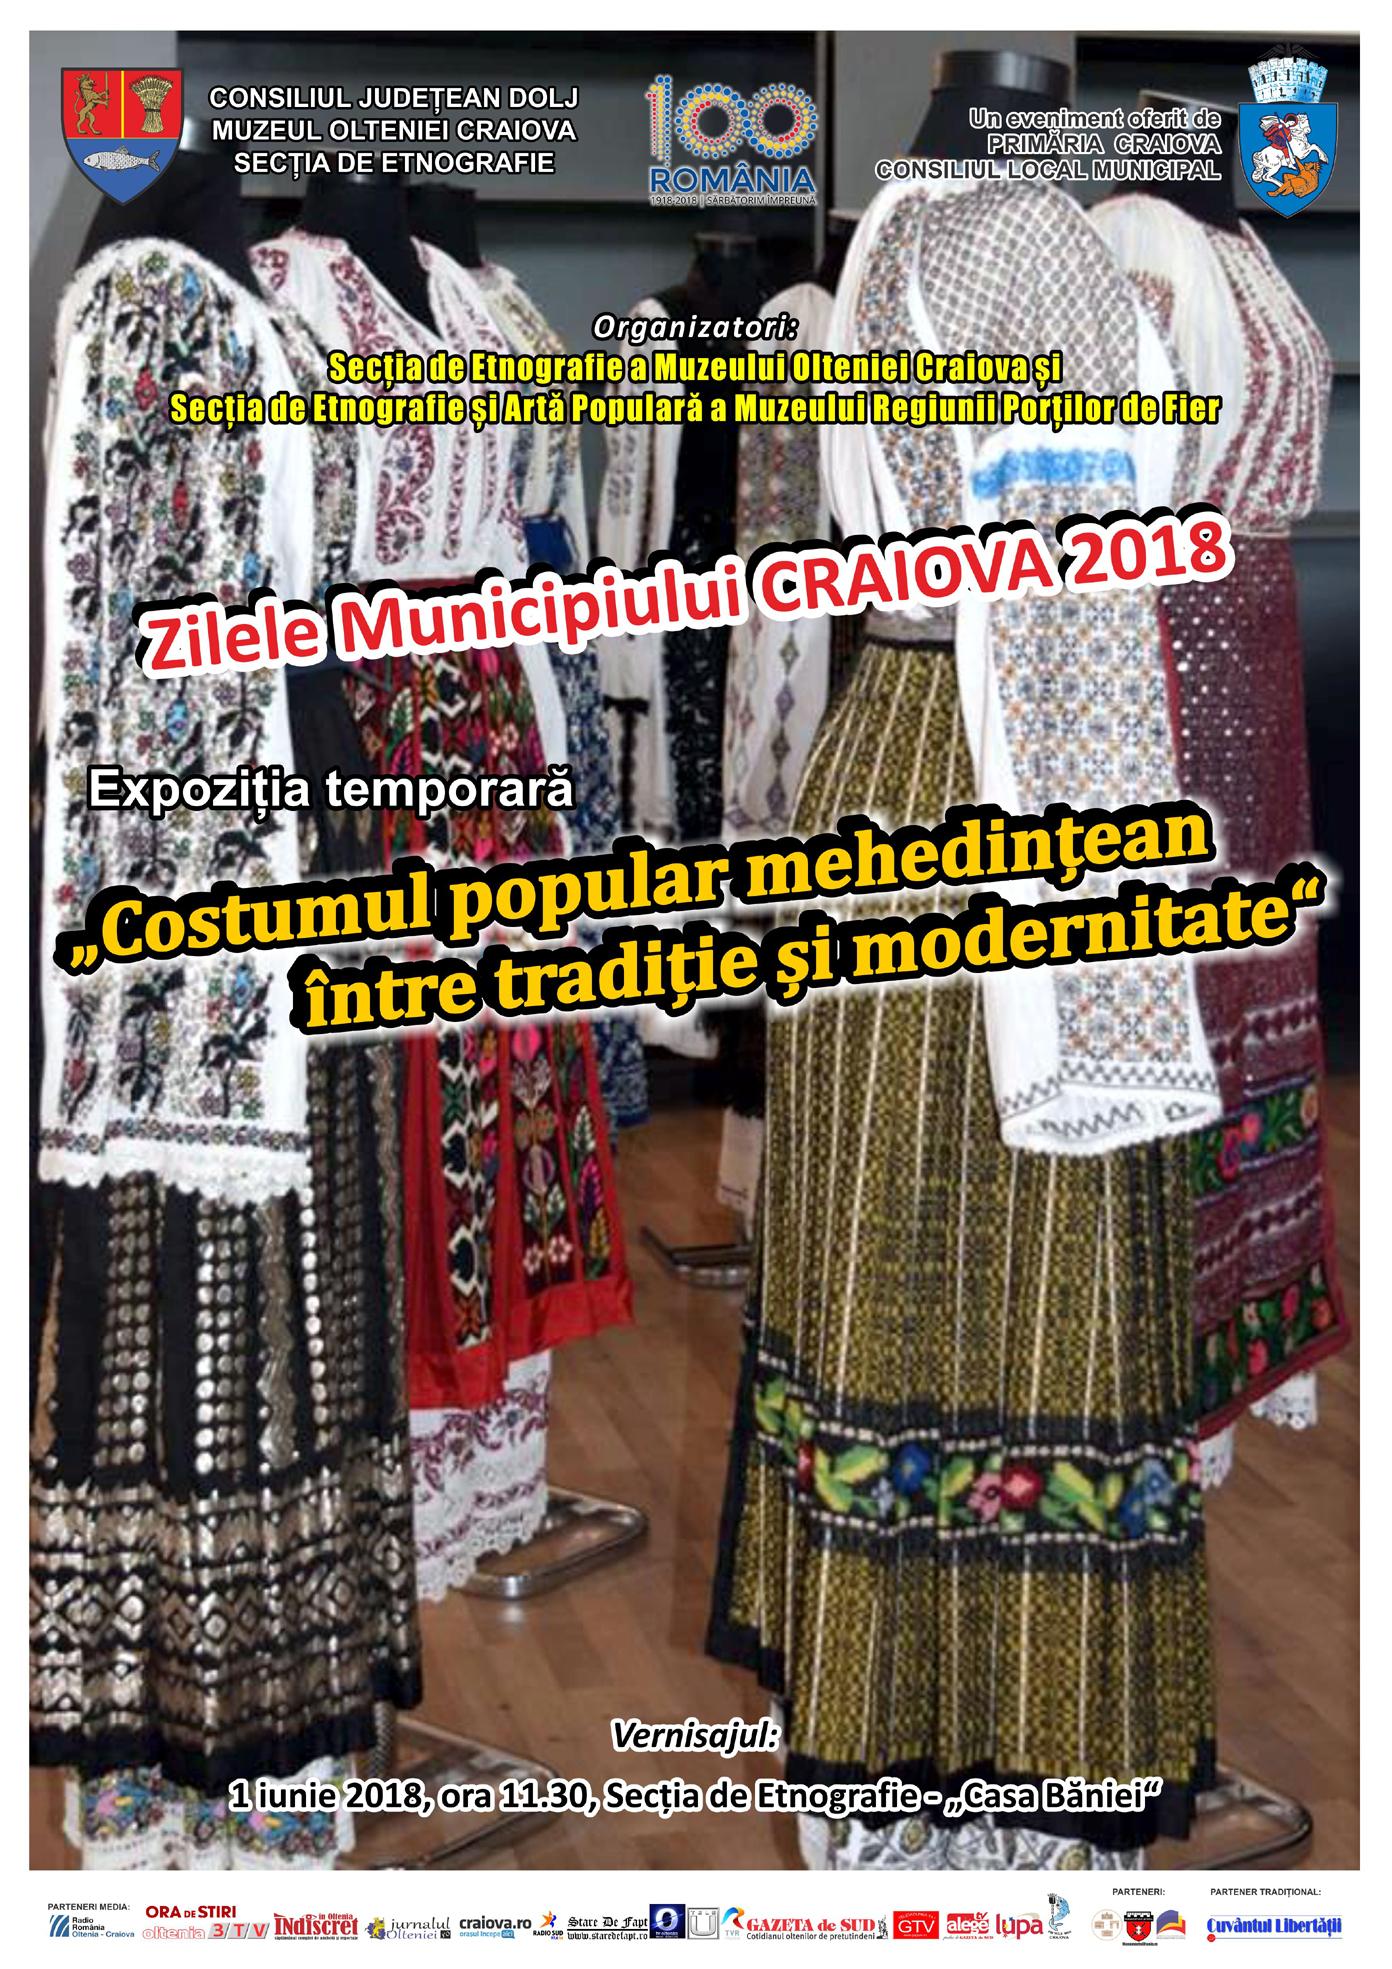 Expoziția Costumul popular mehedinţean, între tradiție şi modernitate, la Muzeul Olteniei, Casa Băniei, de Zilele Municipiului Craiova 2018